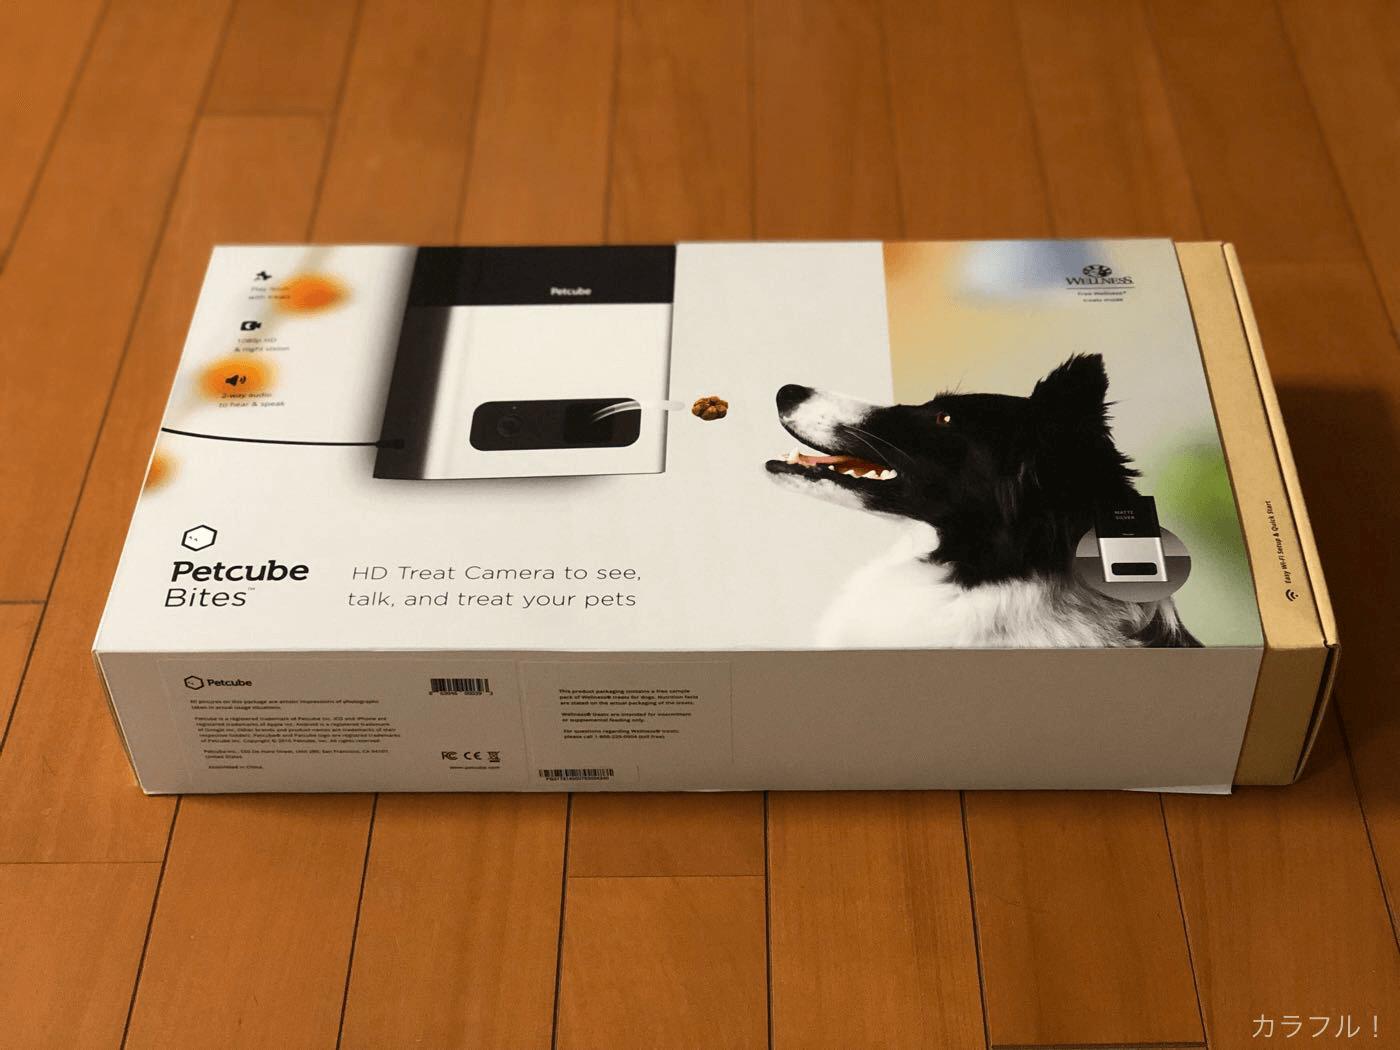 外出先からペットの様子が見守れるウェブカメラ「Petcube(ペットキューブ)」があれば安心【PR】